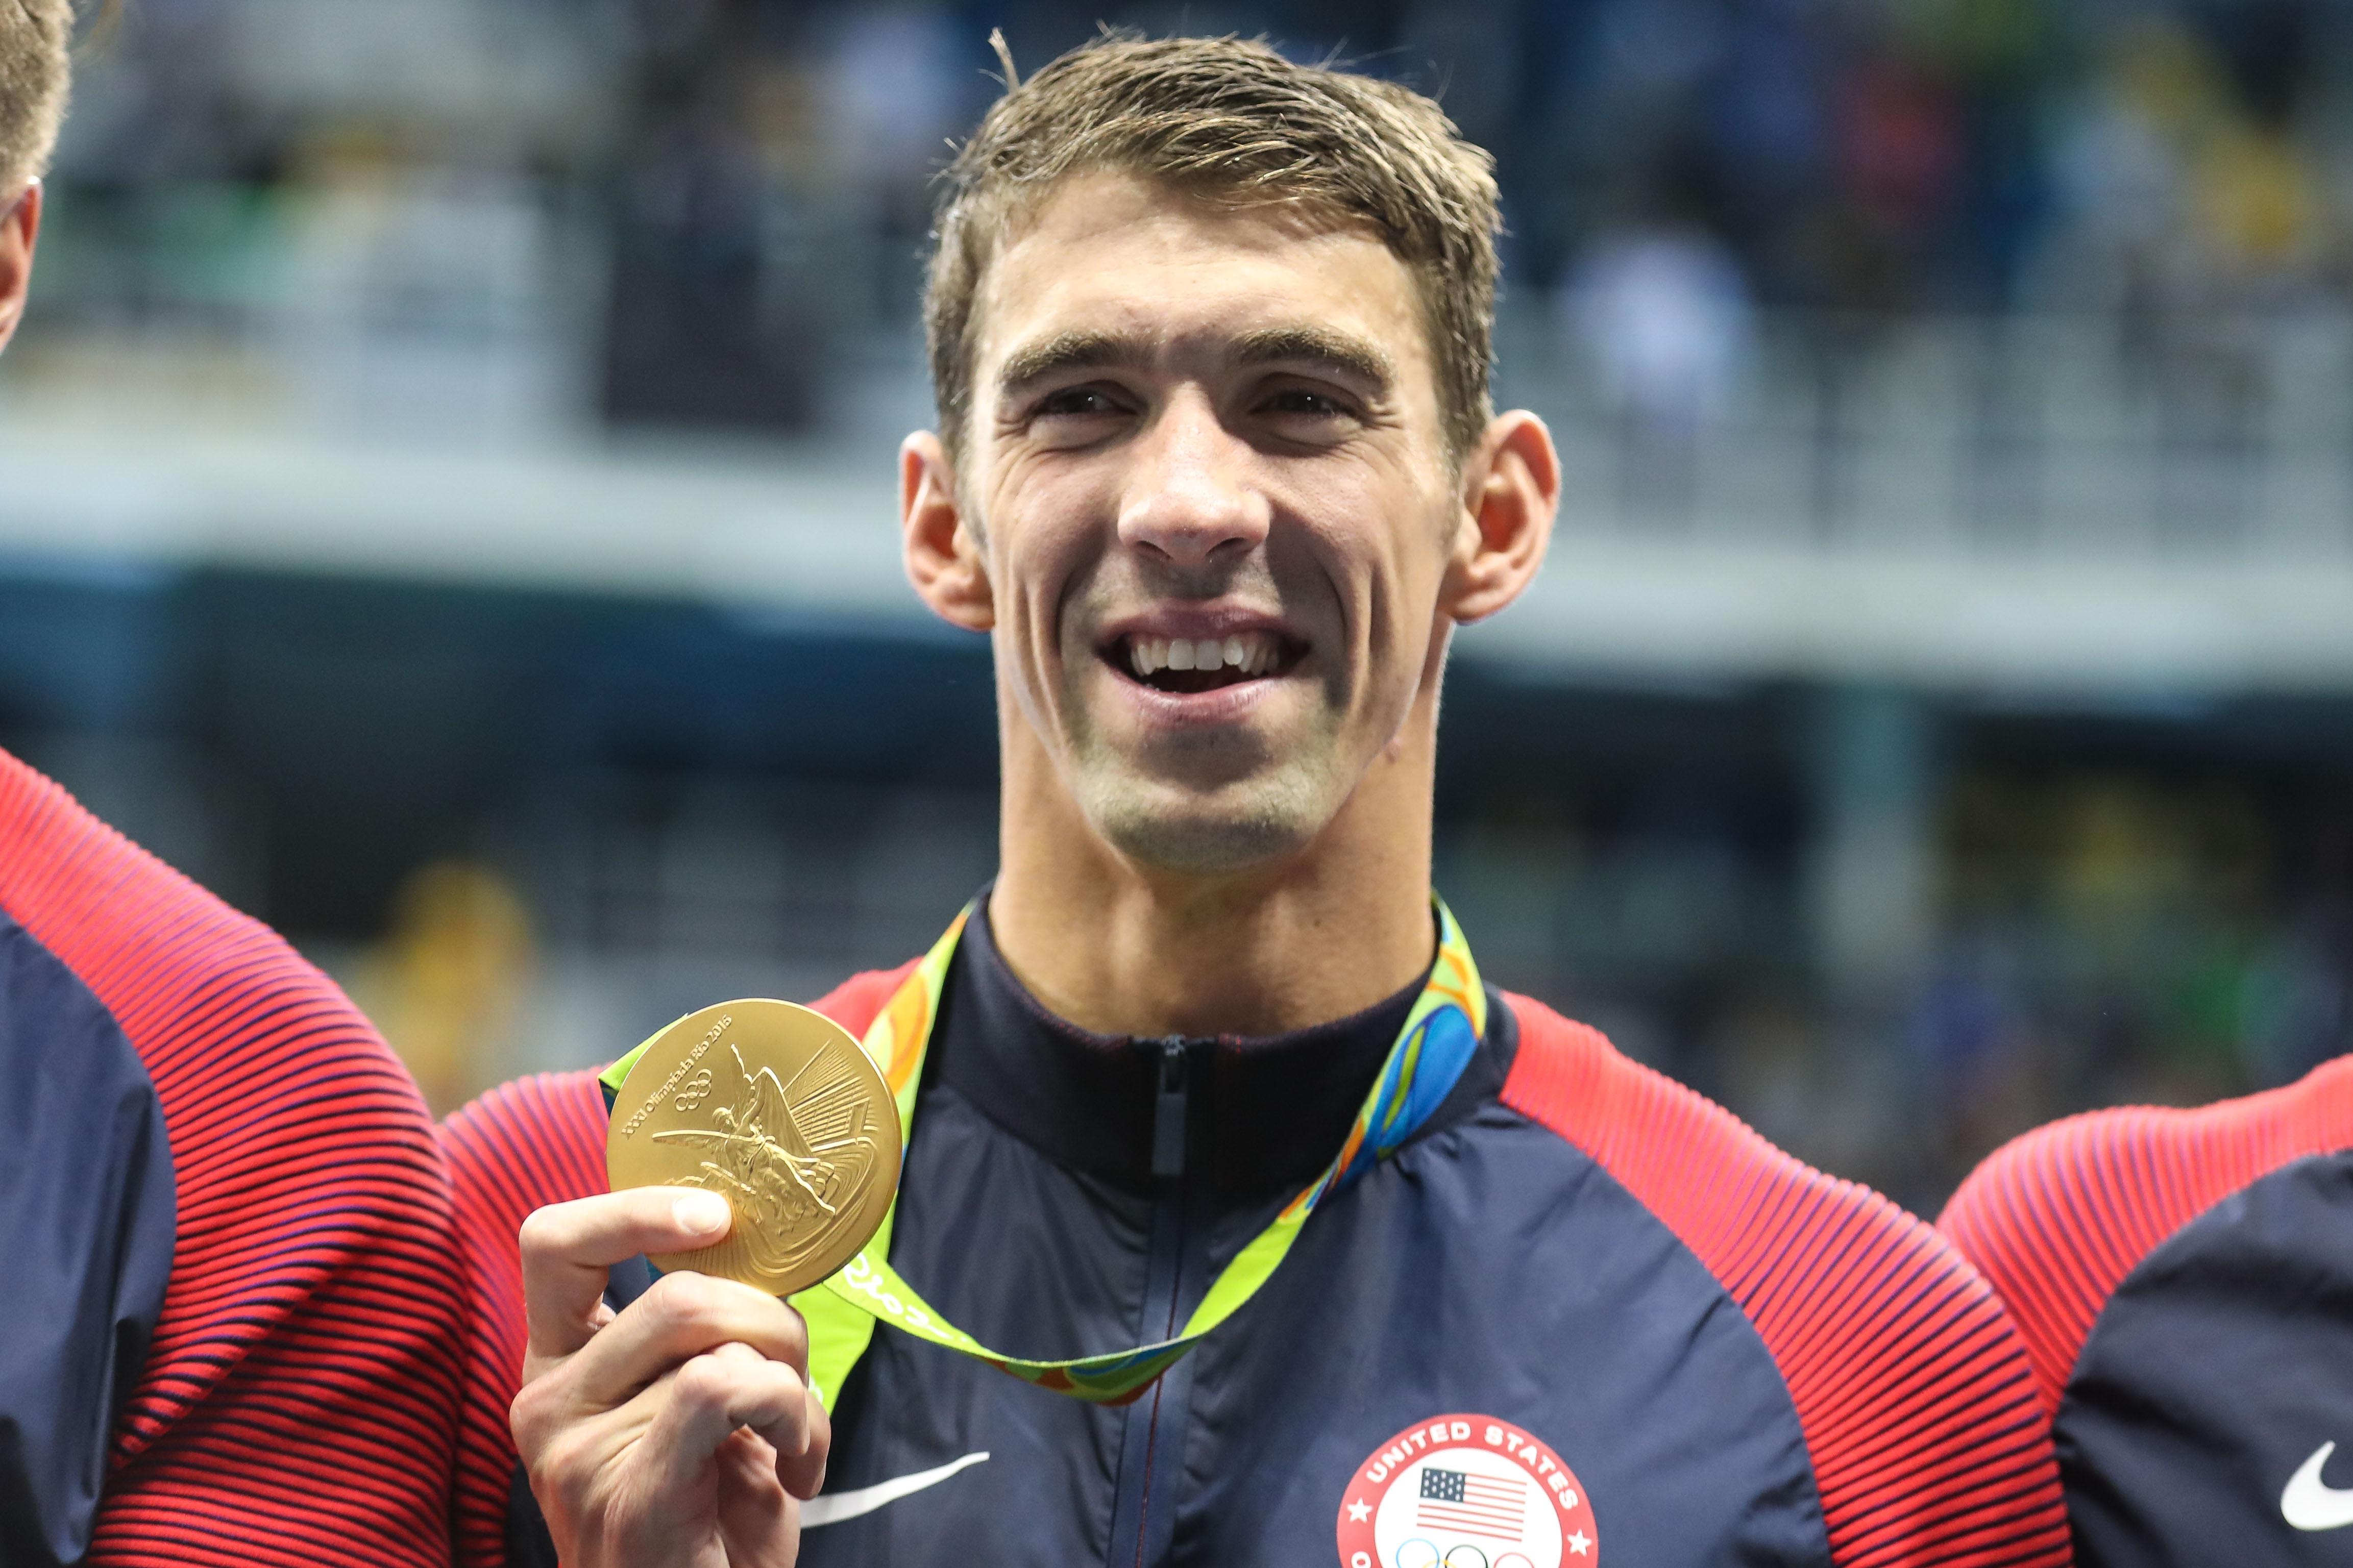 Nem lenne jó vége, ha Phelps az összes aranyérmét a nyakába venné